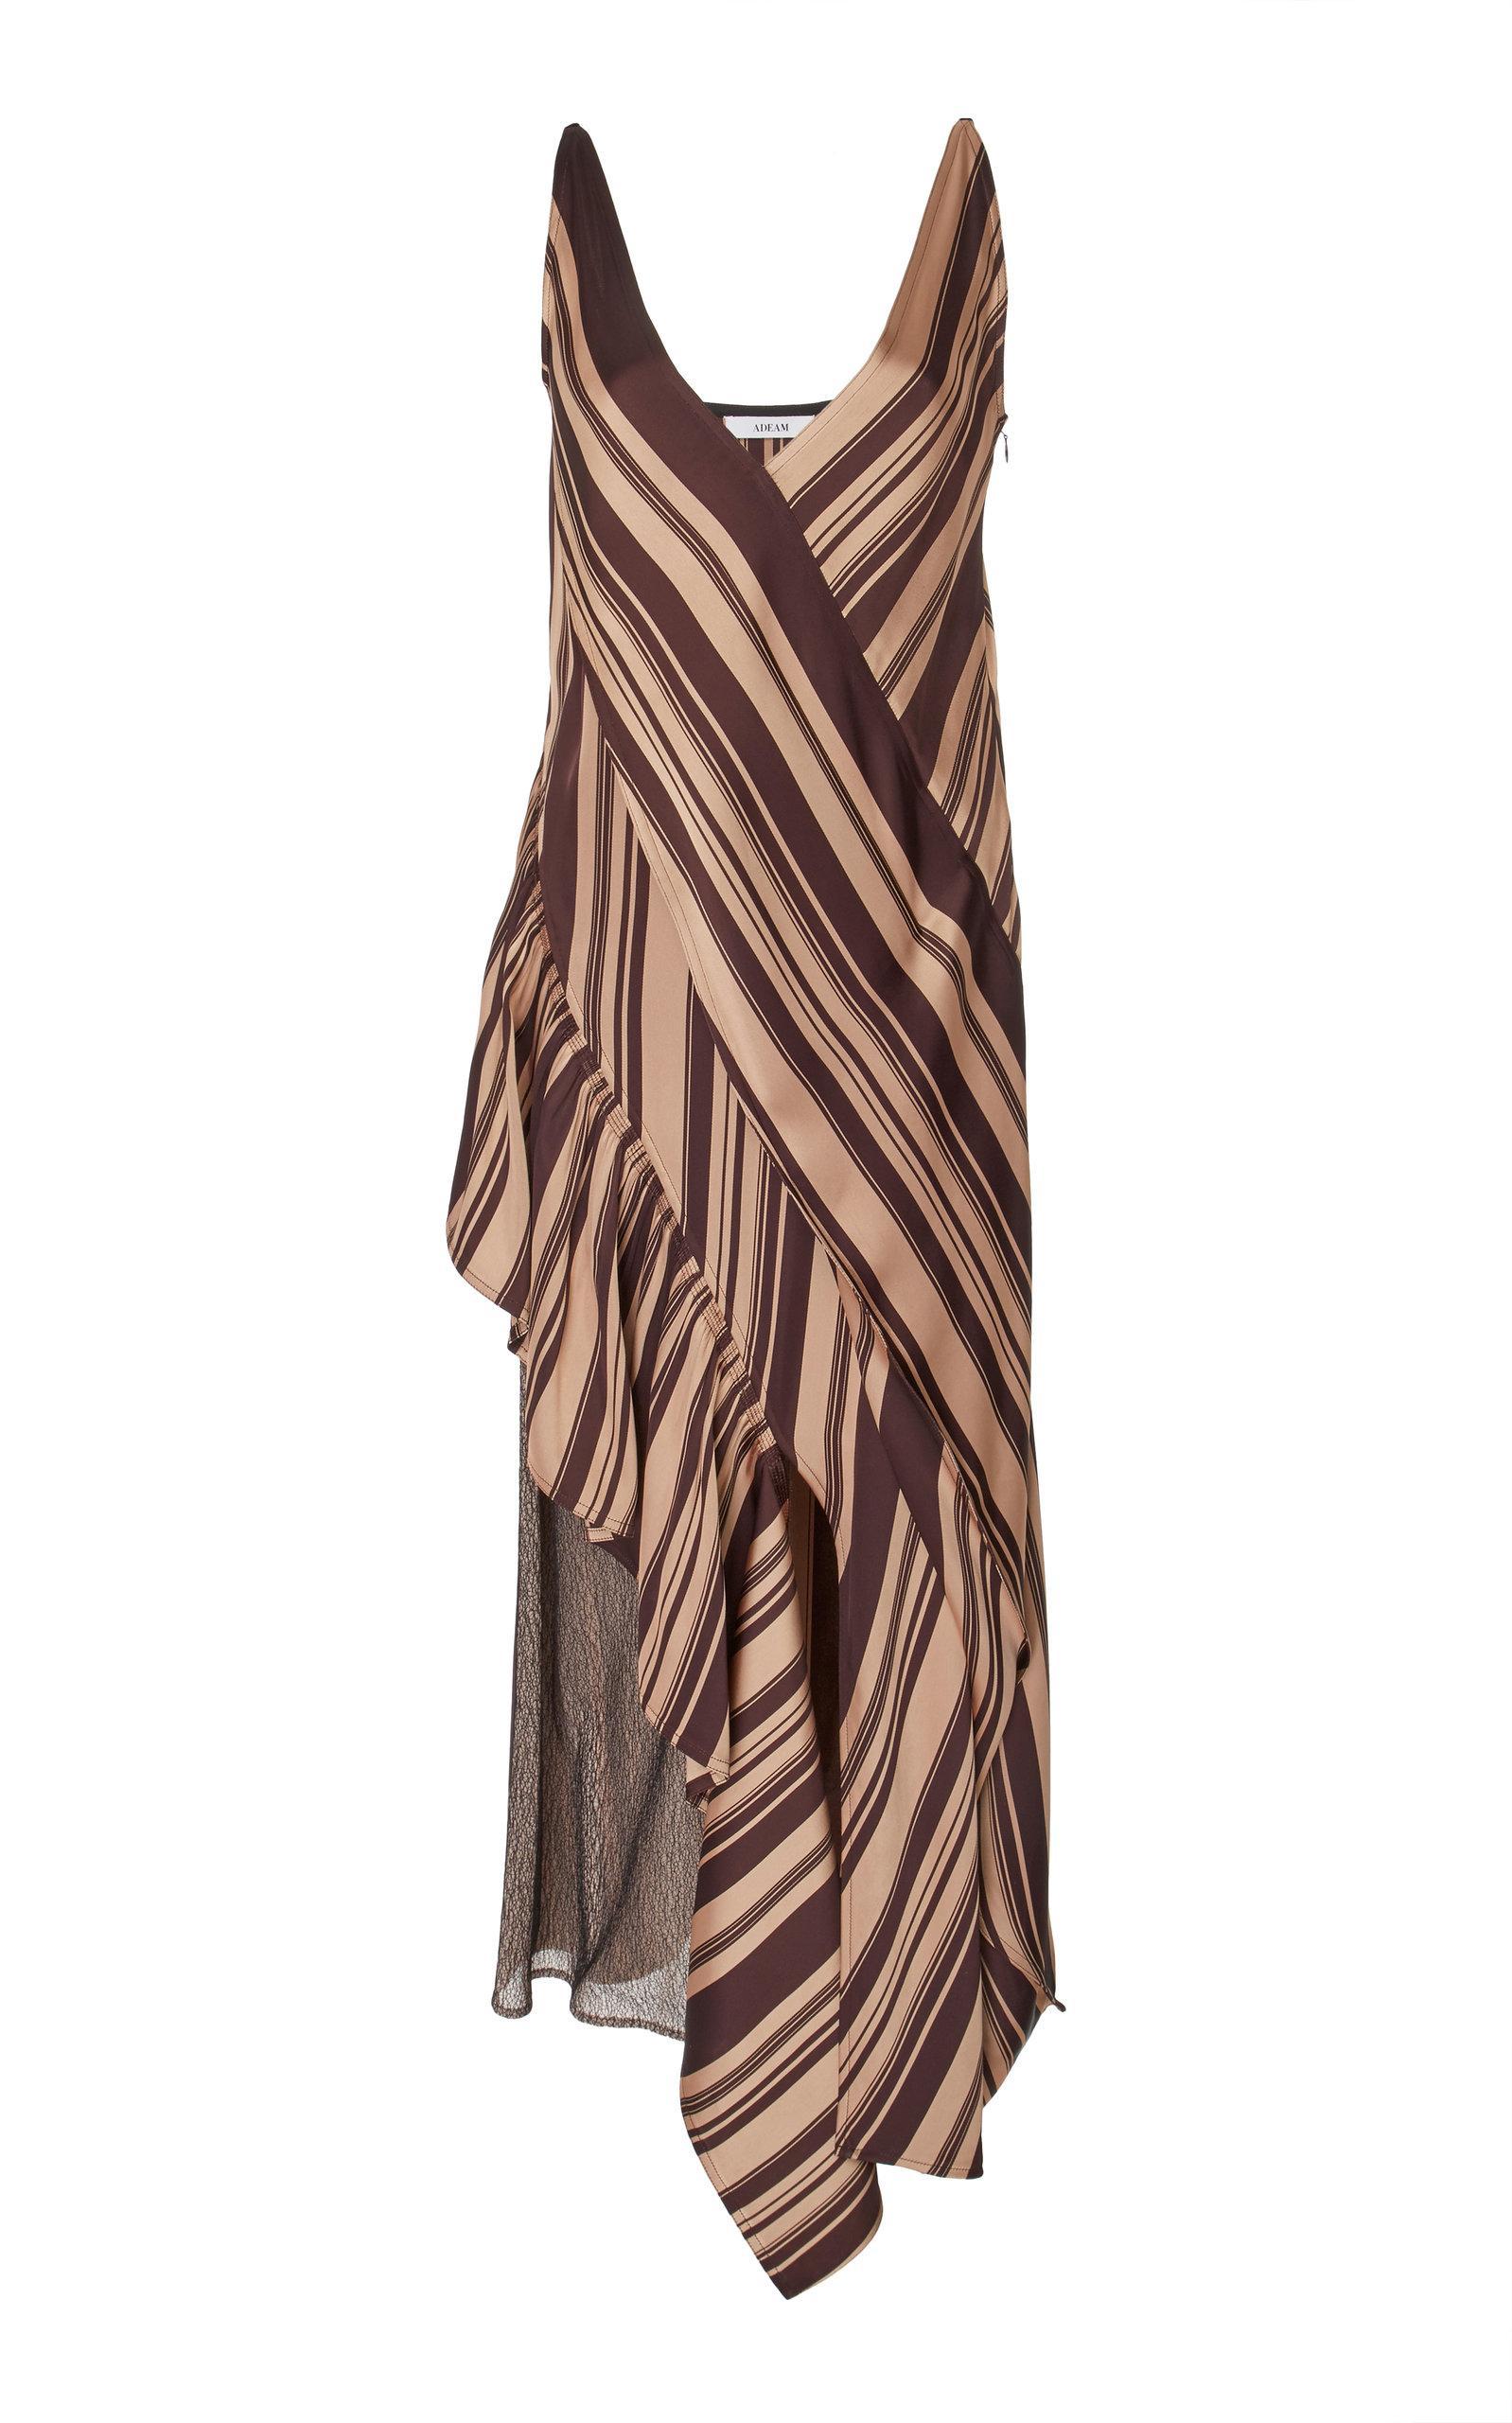 Adeam Moga Slip Dress In Burgundy